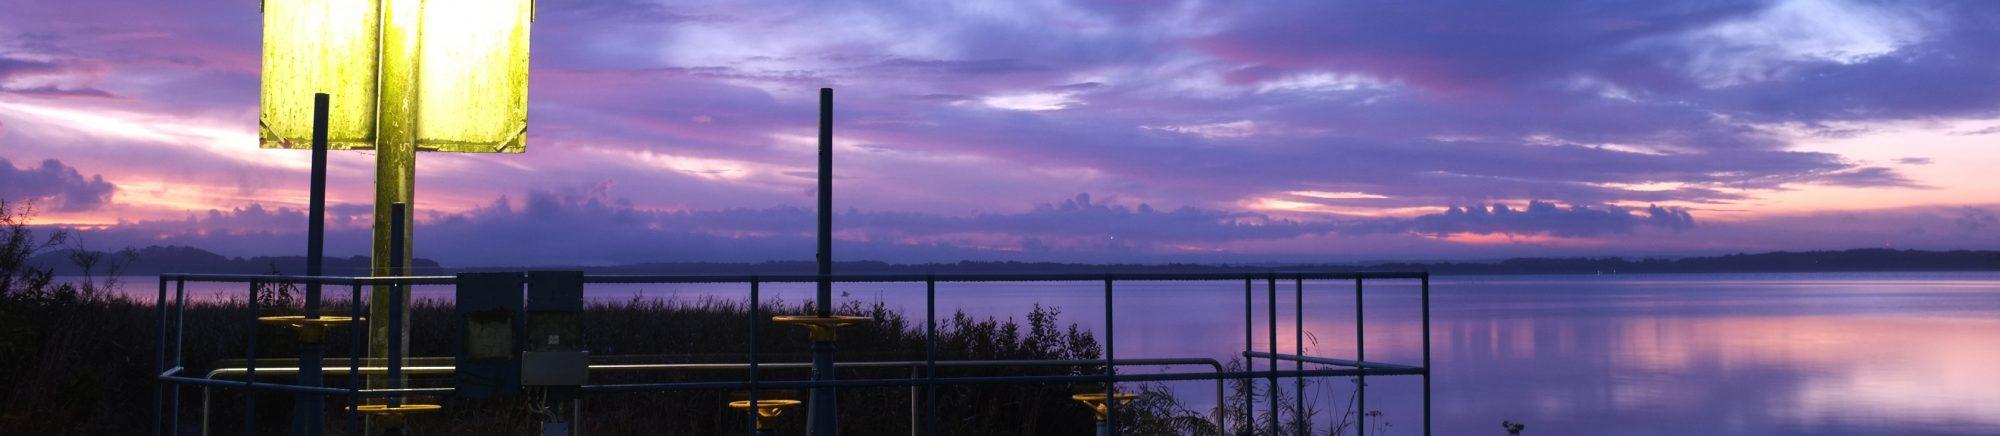 Ringsjöns råvattenintag solnedgång